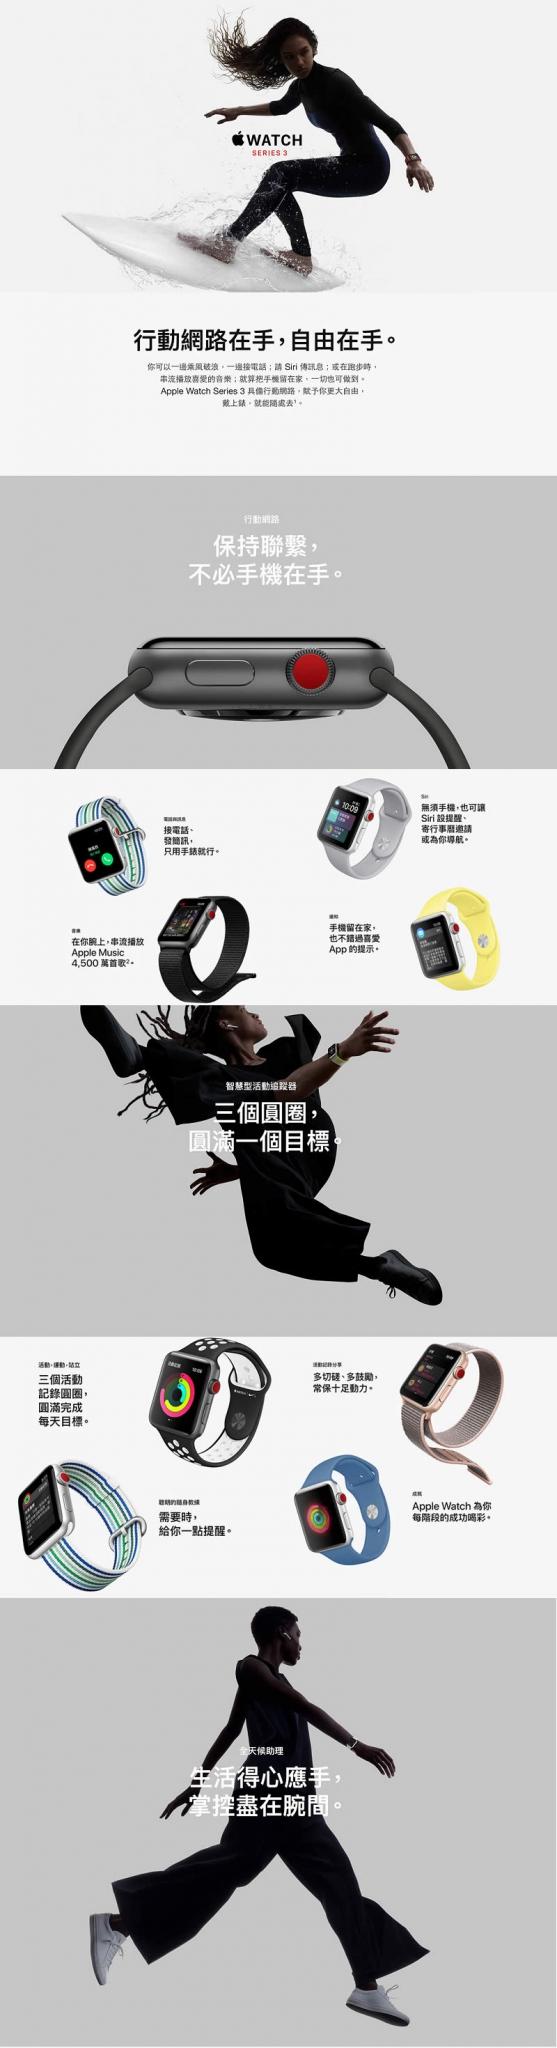 Apple Watch S3(LTE+NIKE)